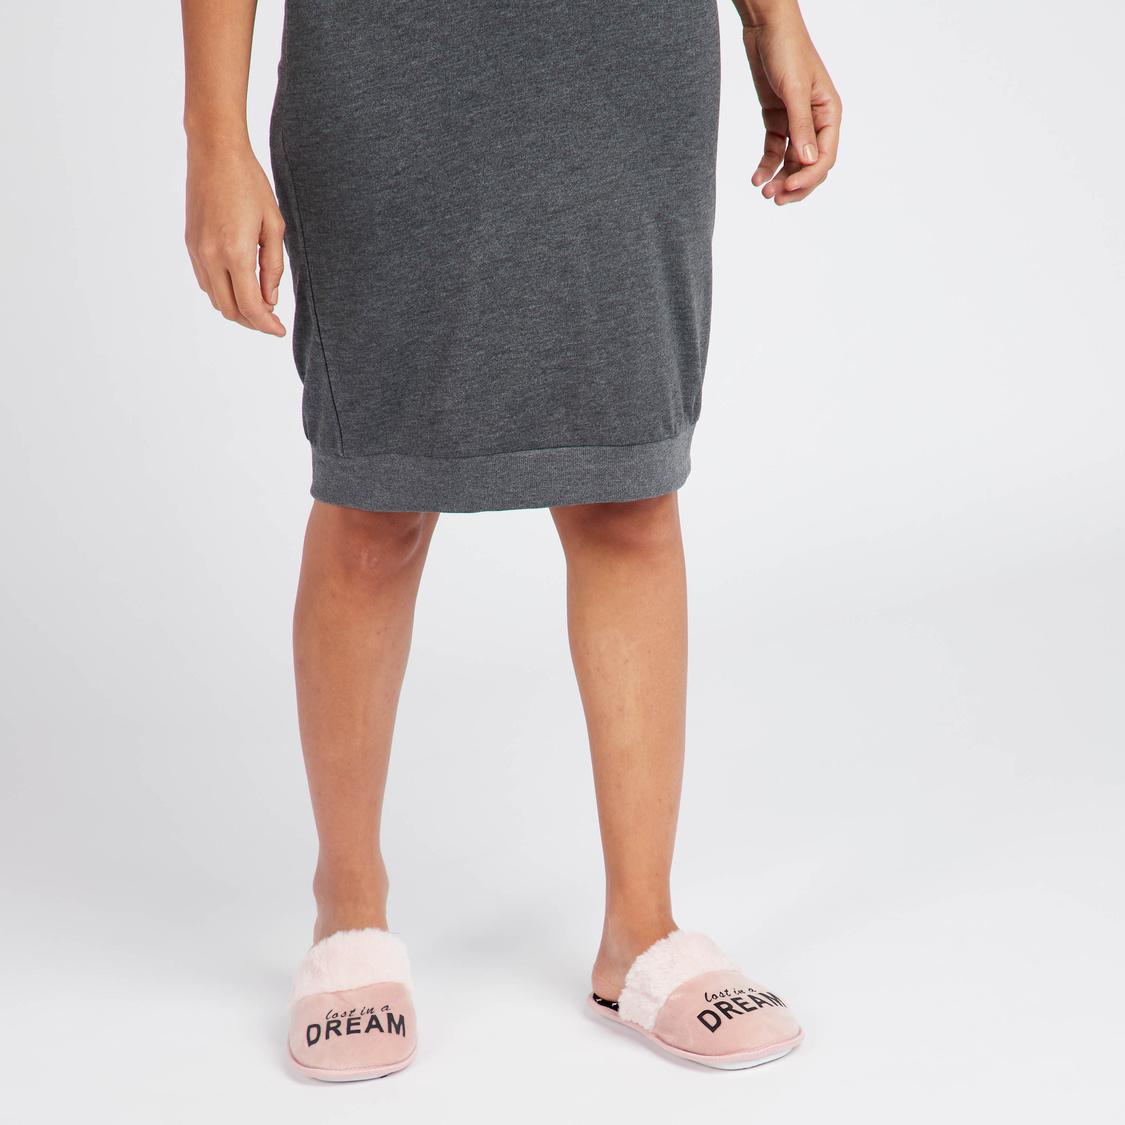 حذاء خفيف لغرفة النوم  سهل الارتداء بتفاصيل قطيفة و طبعات